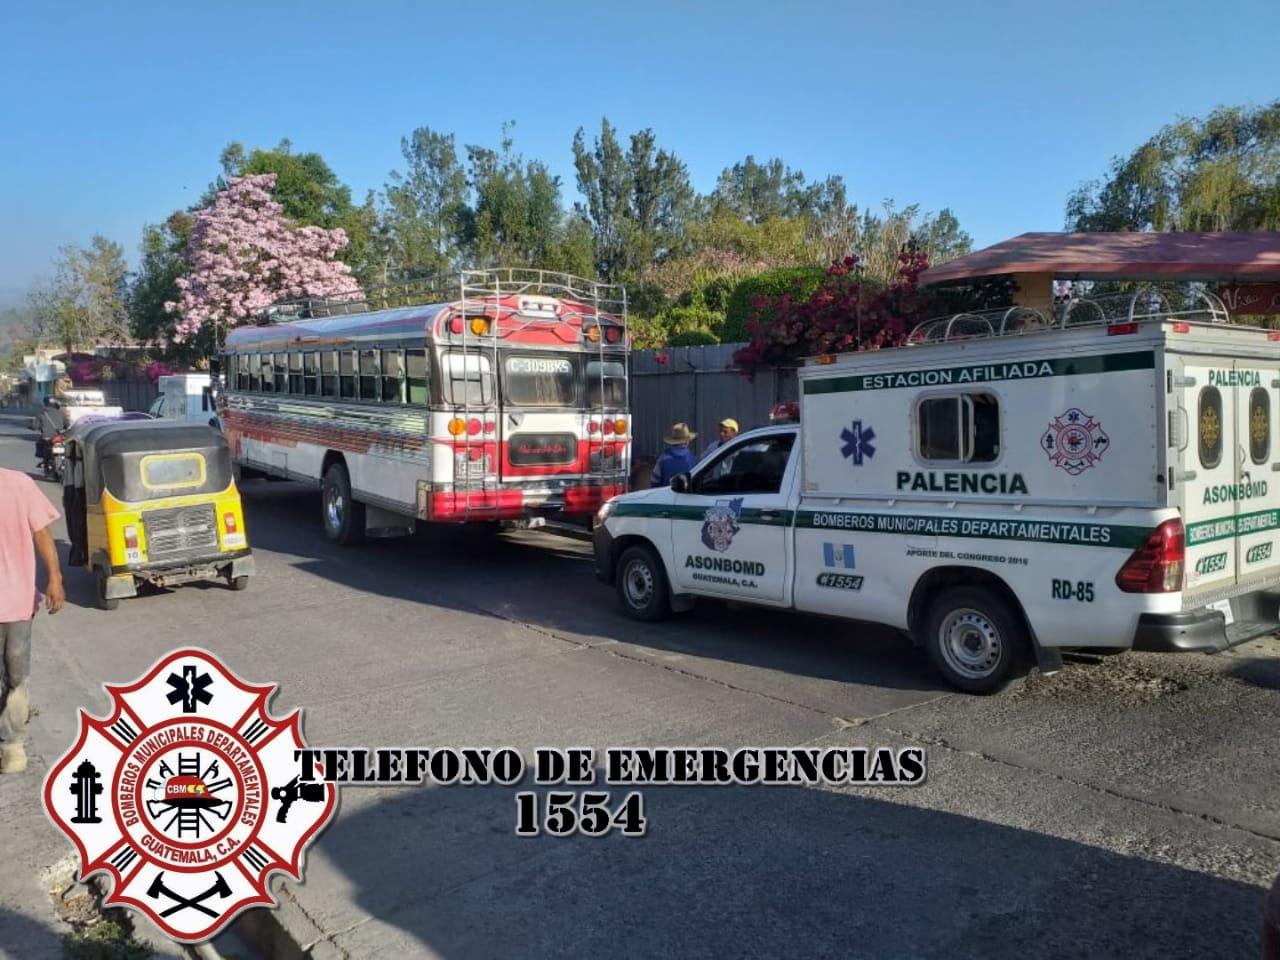 Bus atacado en Palencia. Foto: Bomberos Municipales Departamentales.